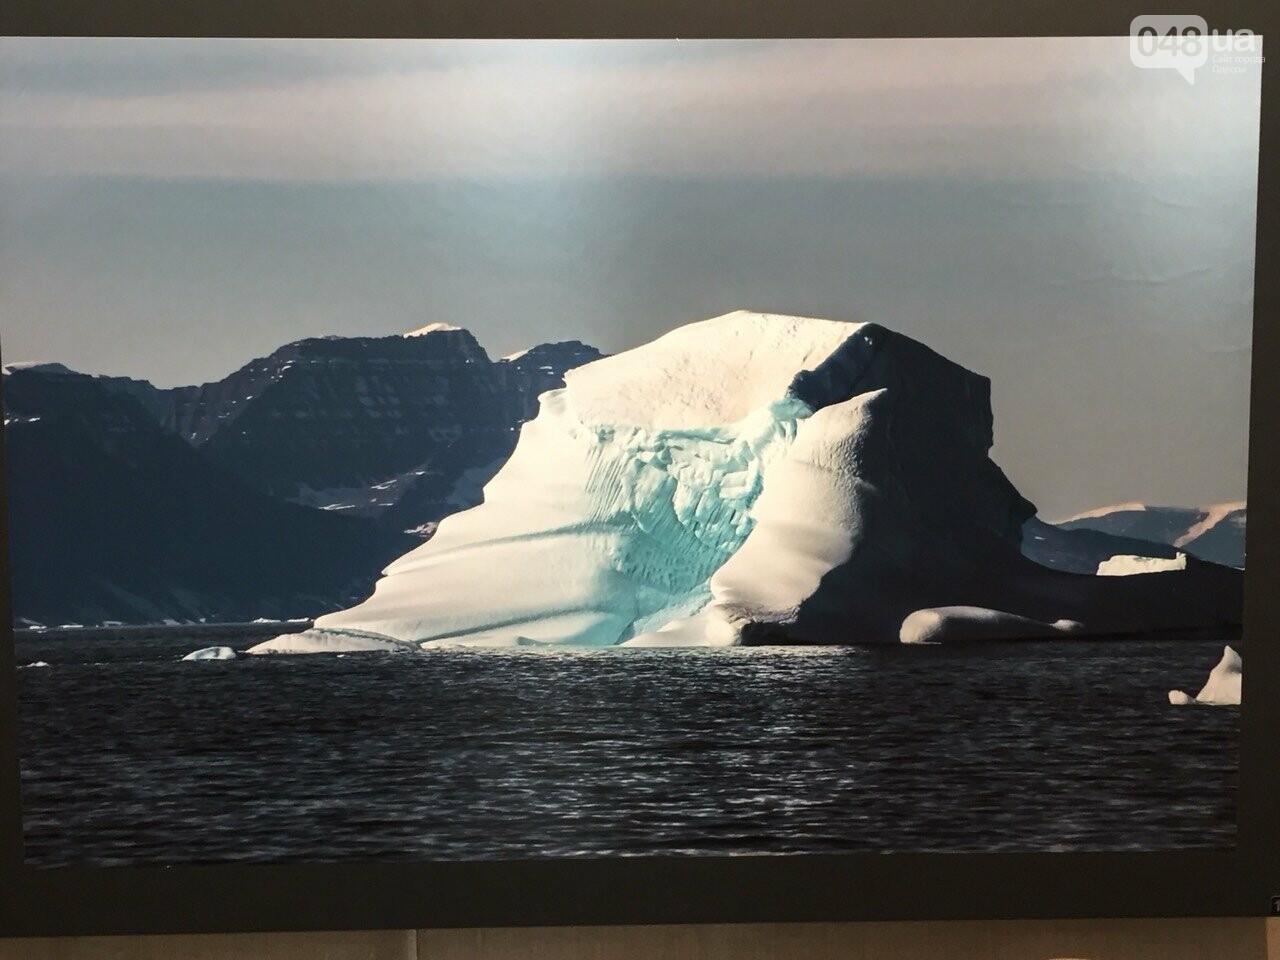 Арктическая сага: На фотовыставке в Одессе можно помочь детям, - ФОТО, ВИДЕО, фото-11